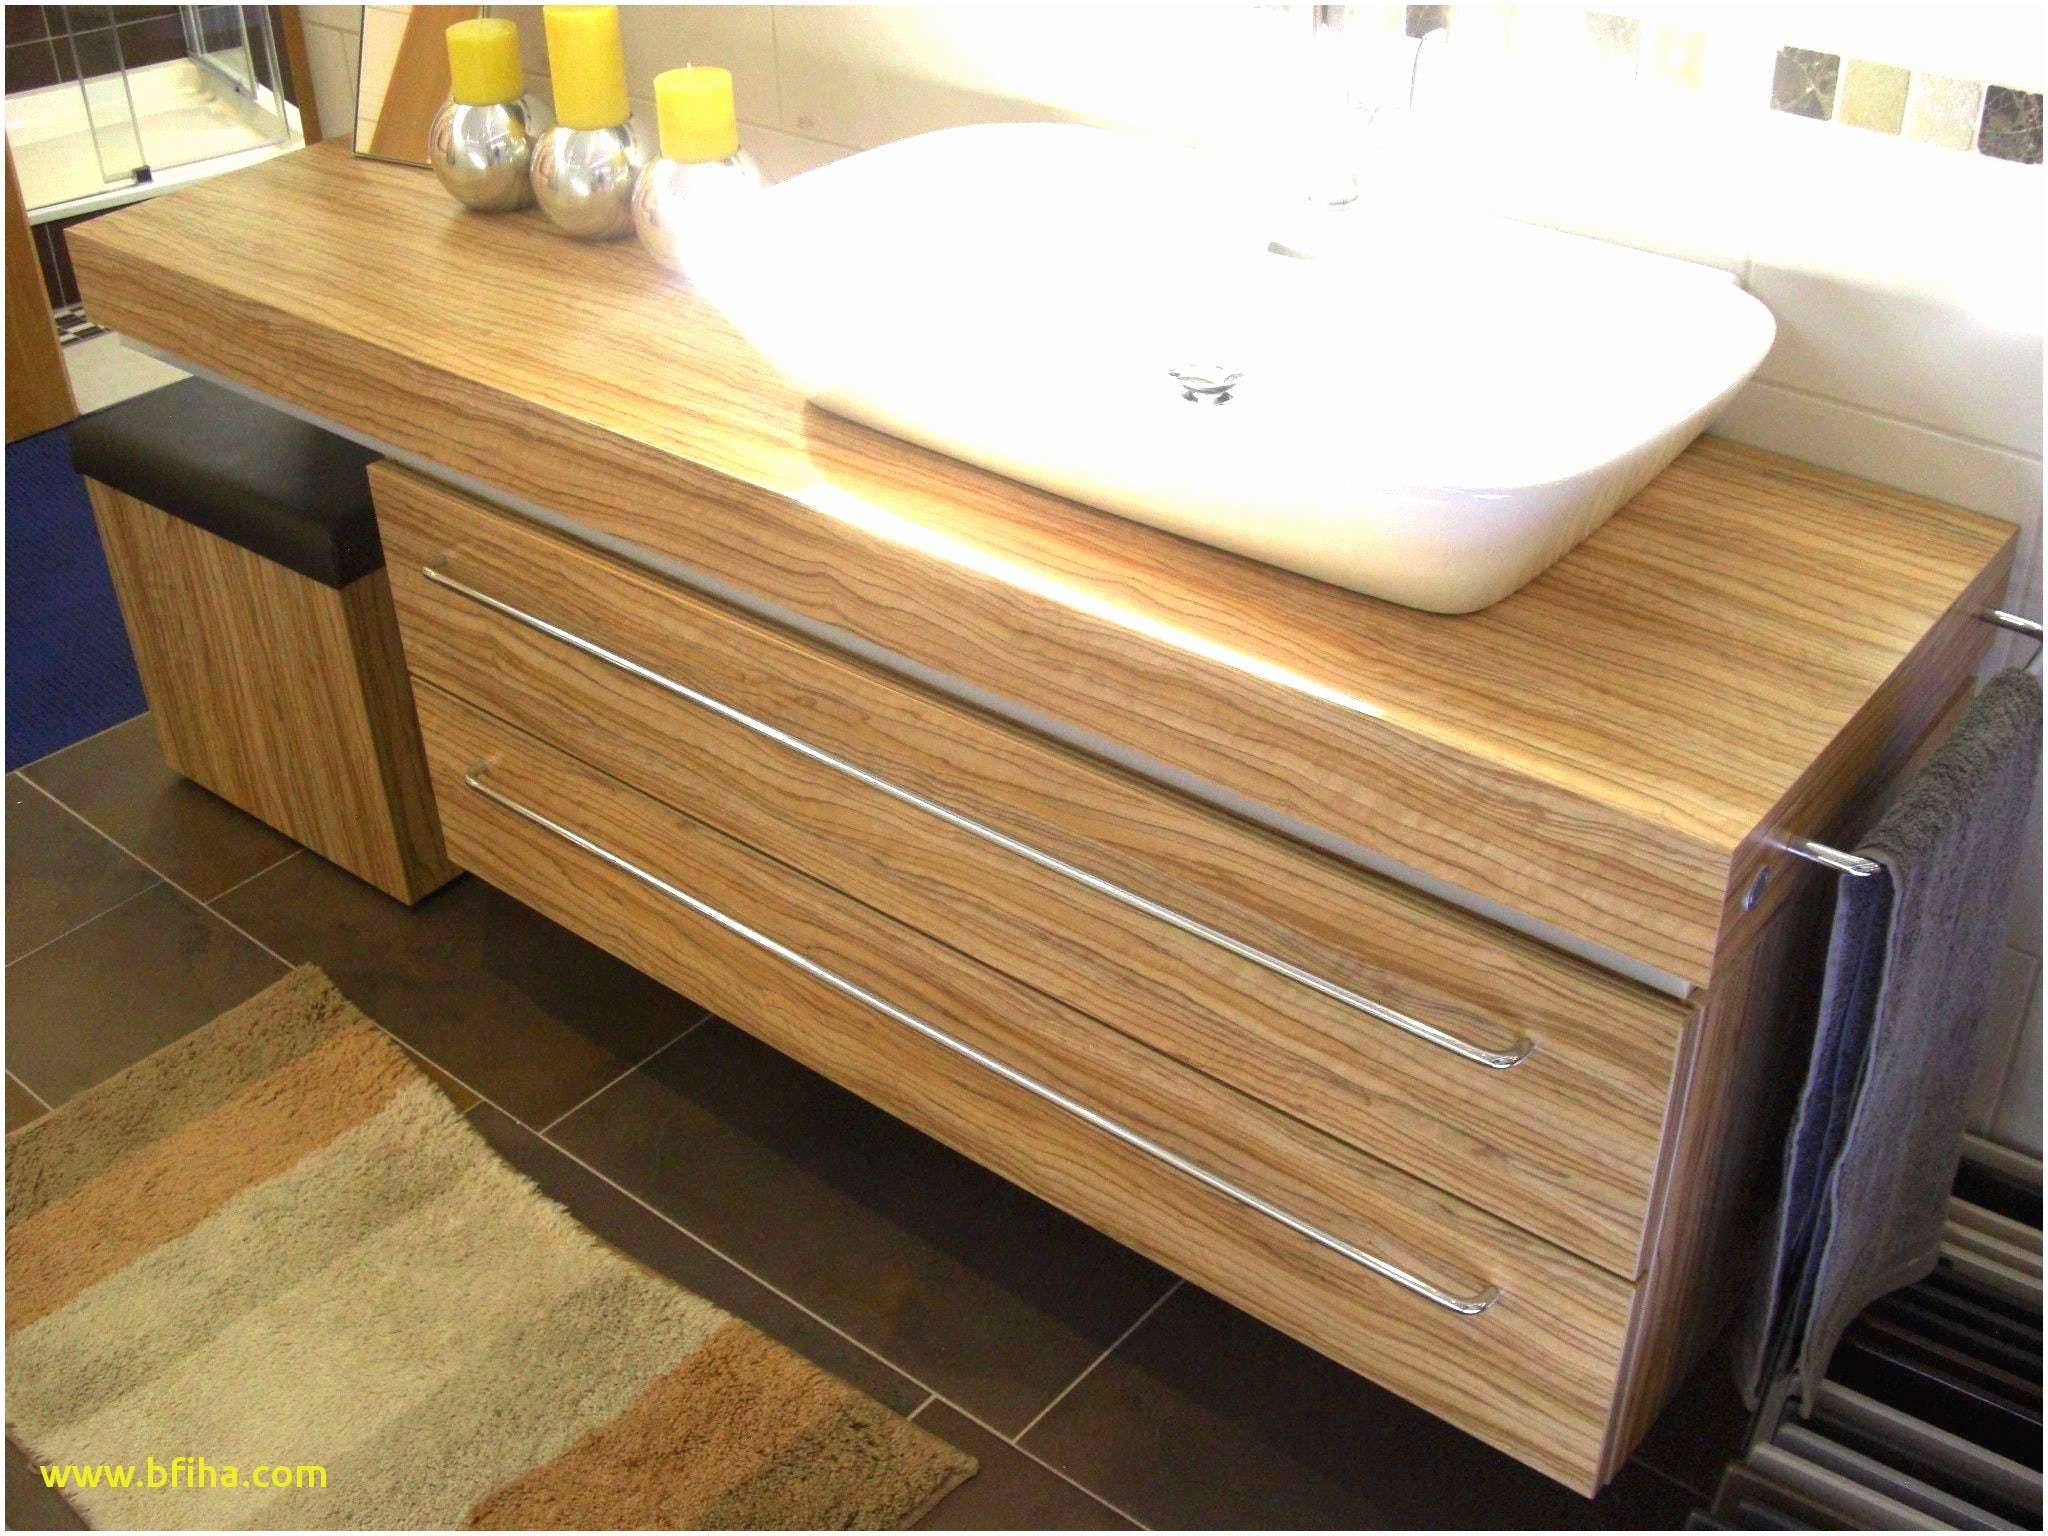 Badunterschrankdesign Badunterschrankdoppelwaschbecken